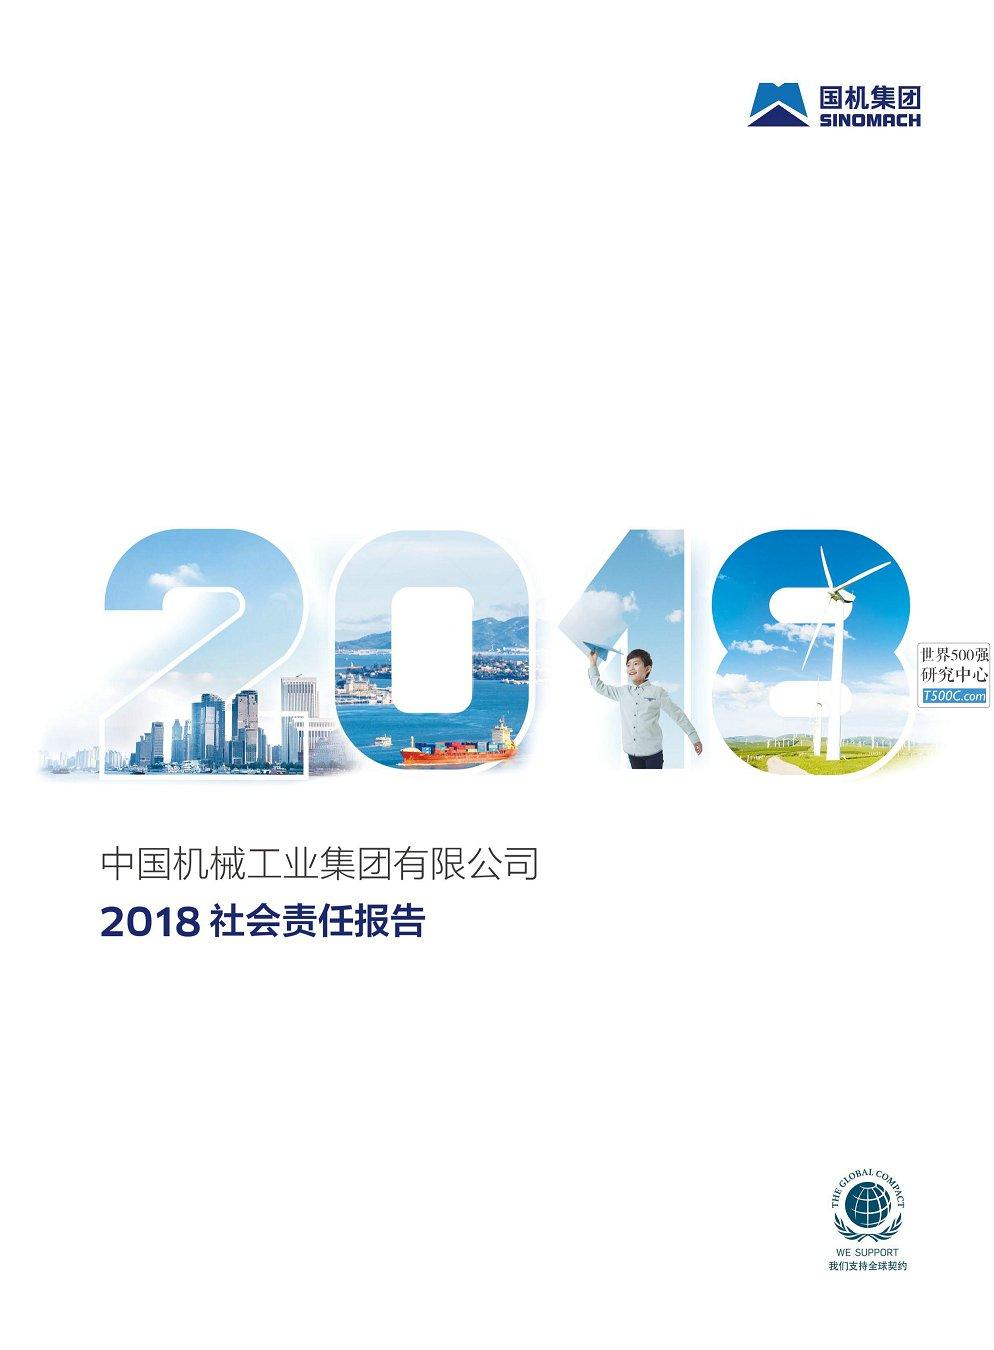 中国机械工业集团_企业社会责任报告CSR_2018